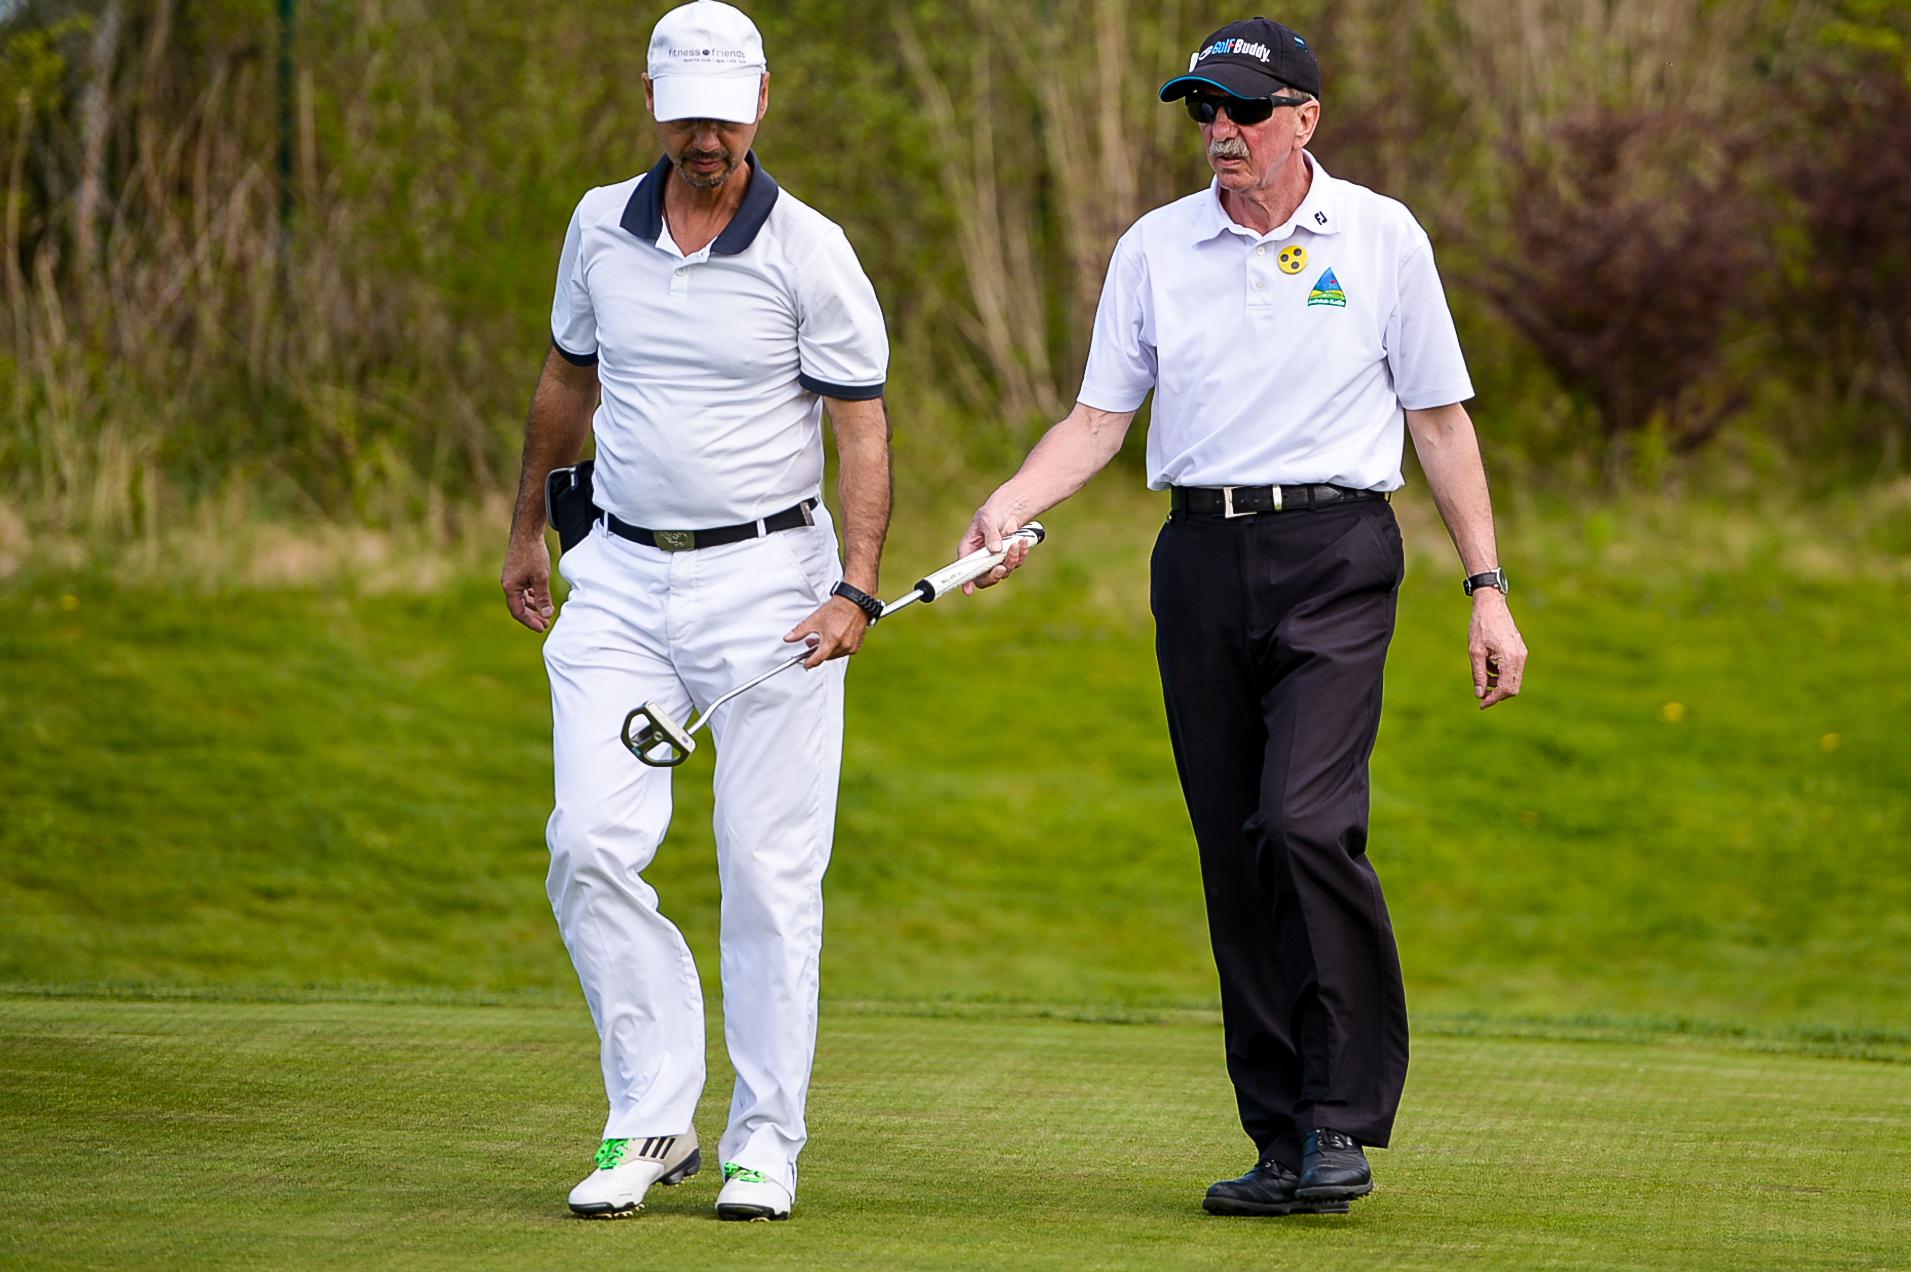 Blinden-Golfer Bernd Walsch (rechts) mit seinem Caddy beim Medien-Turnier in Aschheim: Impulse für mehr Inklusion auf den Golfplätzen im Saarland und der Pfalz. (Foto: Wirtz)